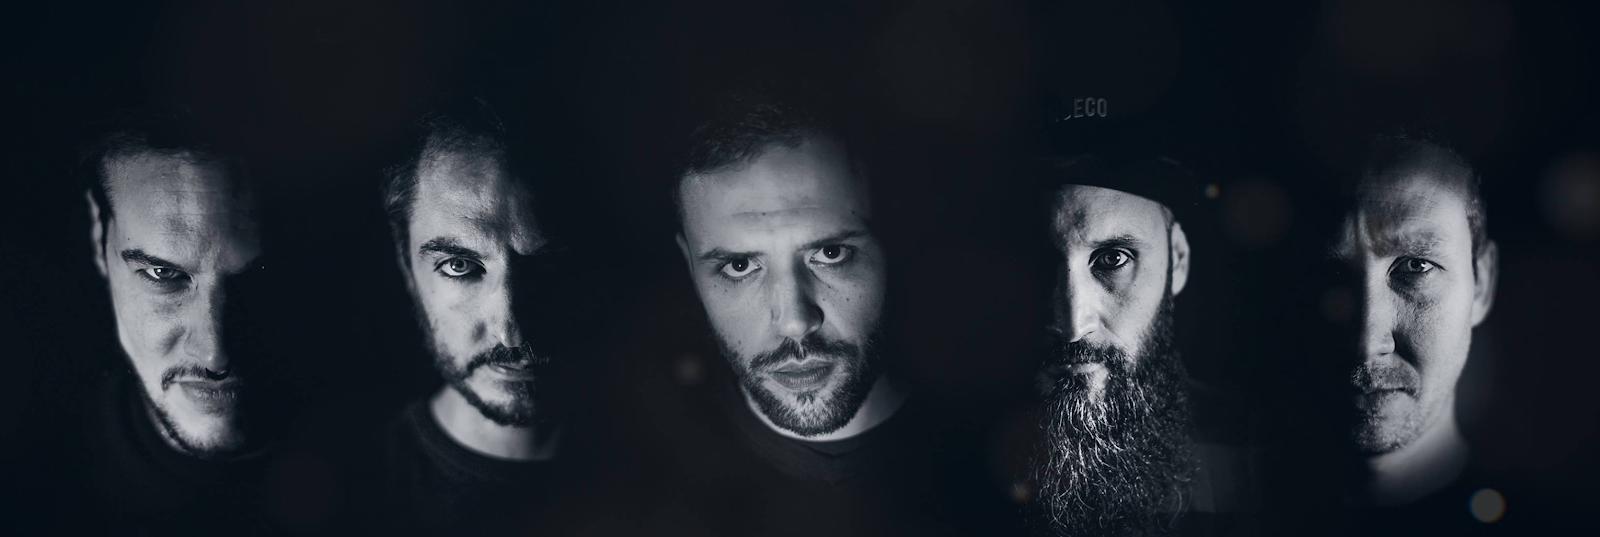 法國前衛死金 Asenion 釋出新曲影音 La Vallée Dérangeante